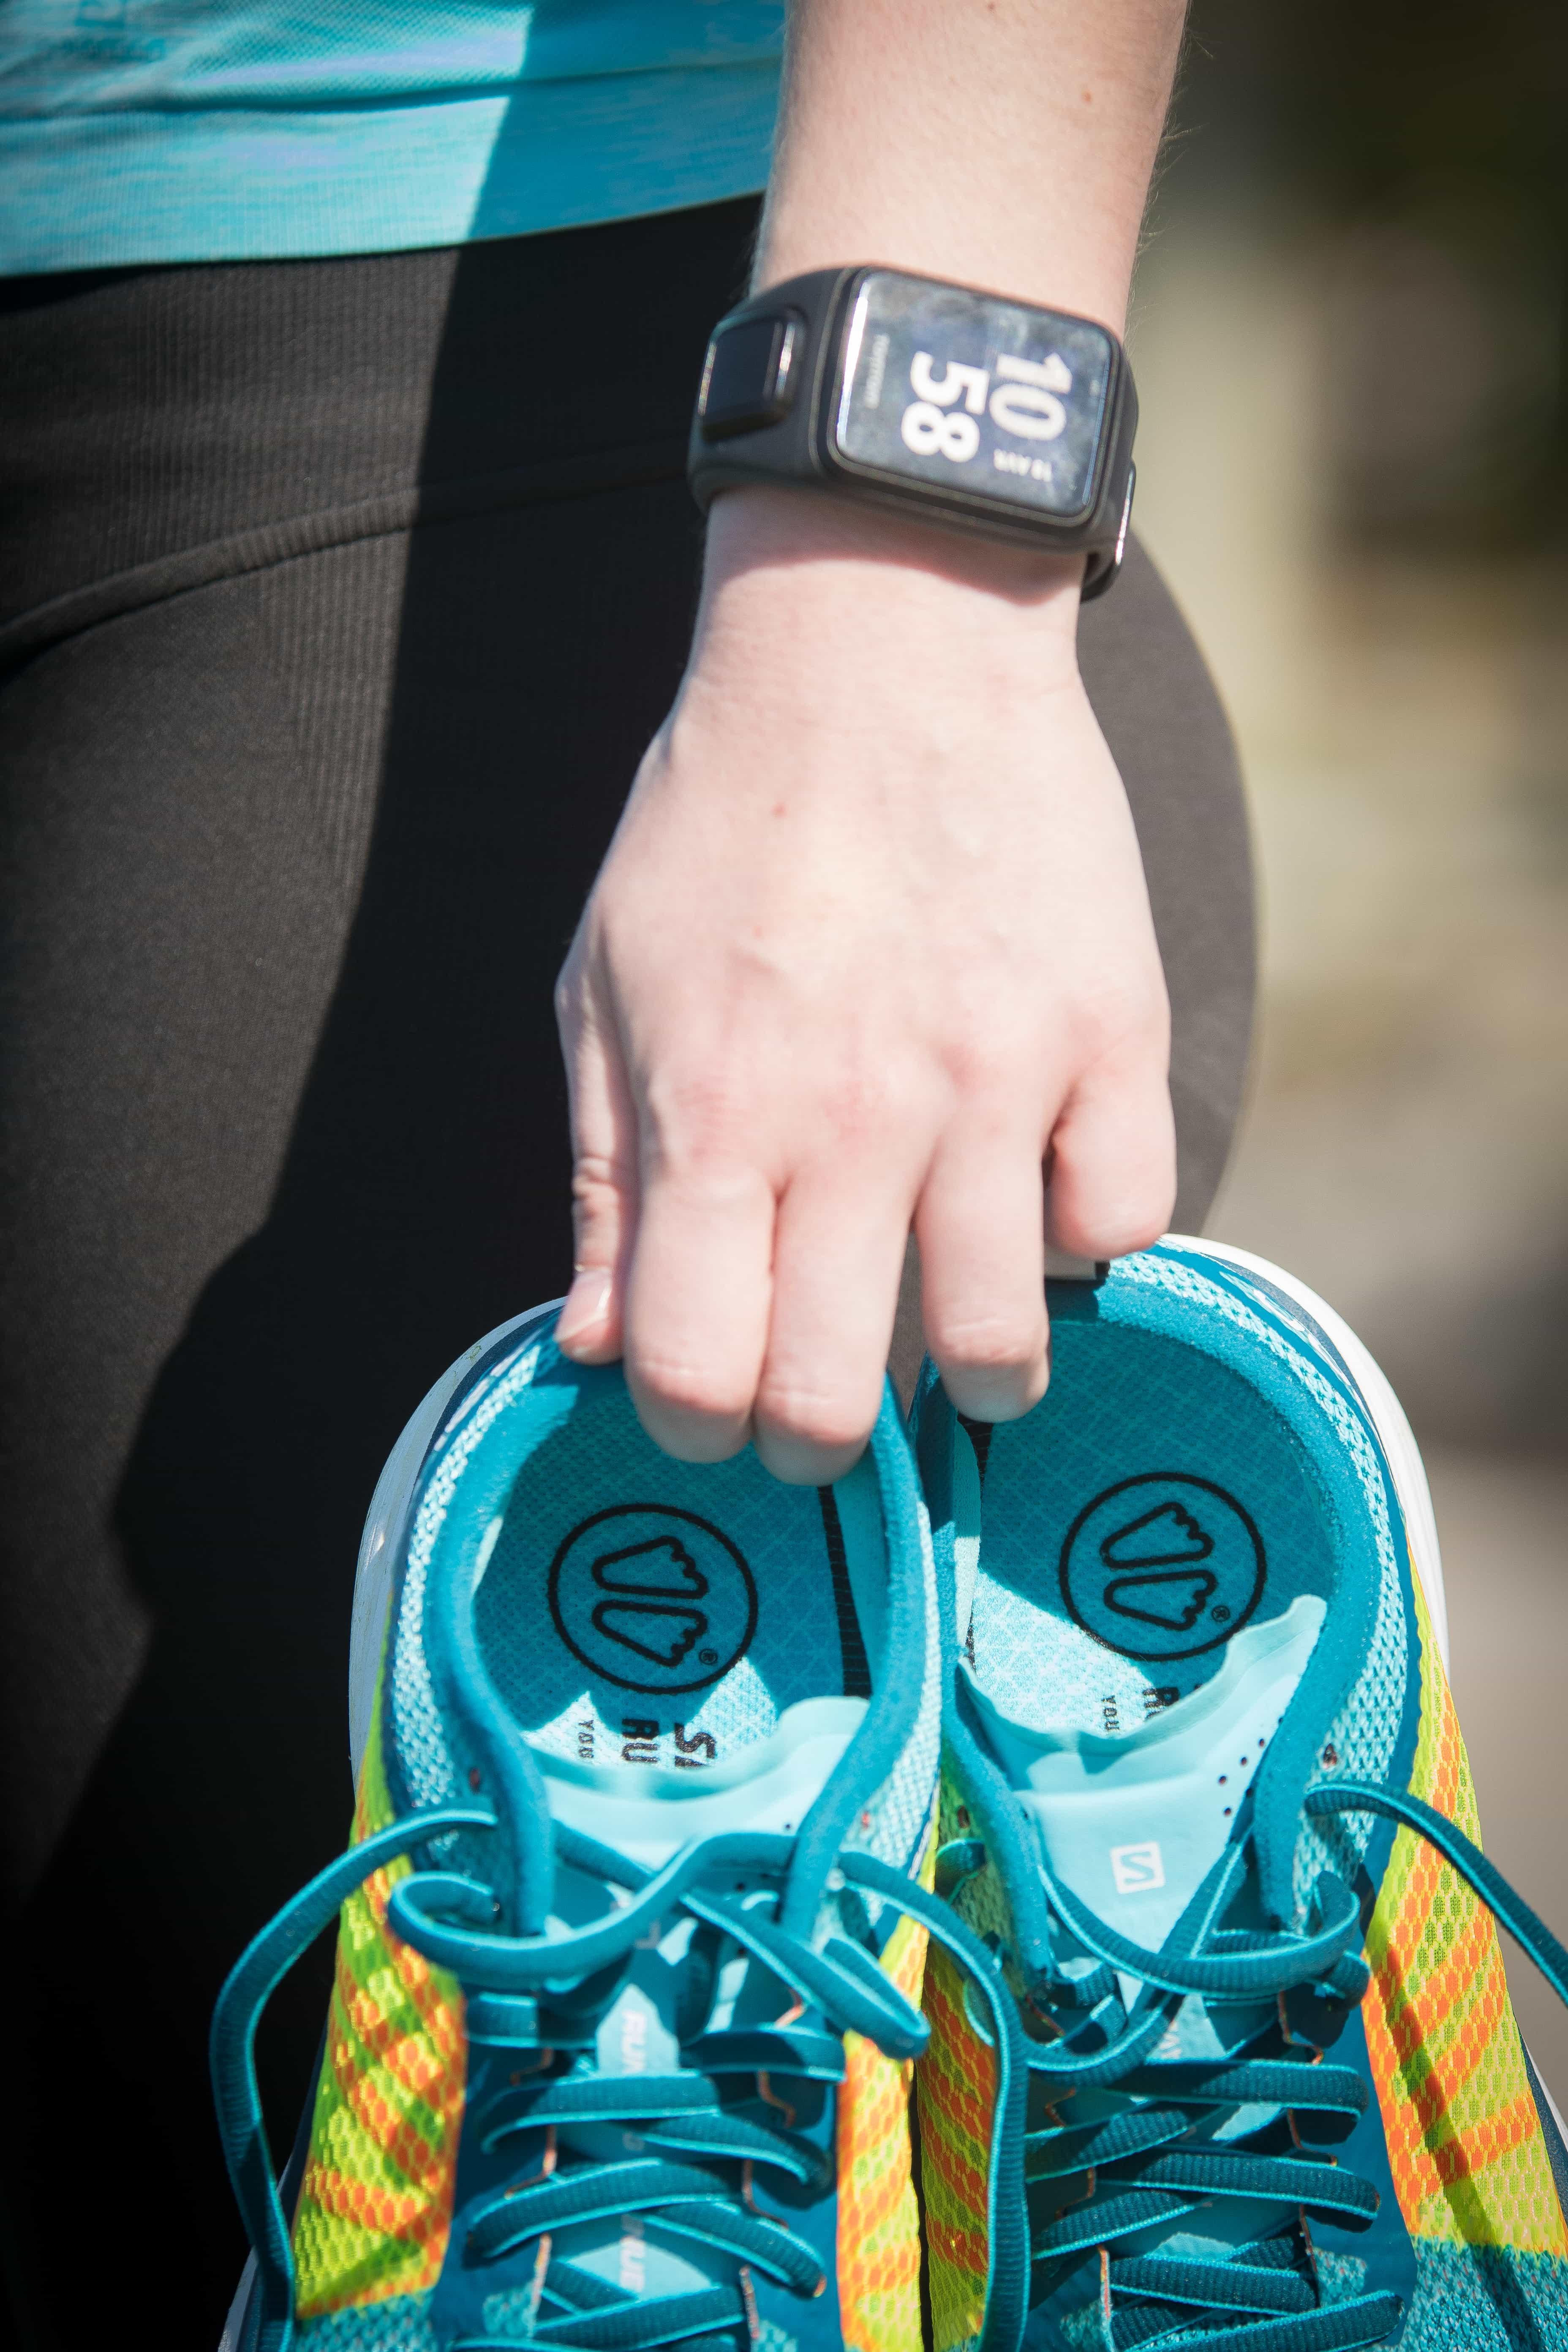 Indywidualne wkładki ortopedyczne do butów. Kto i kiedy powinien z nich skorzystać?